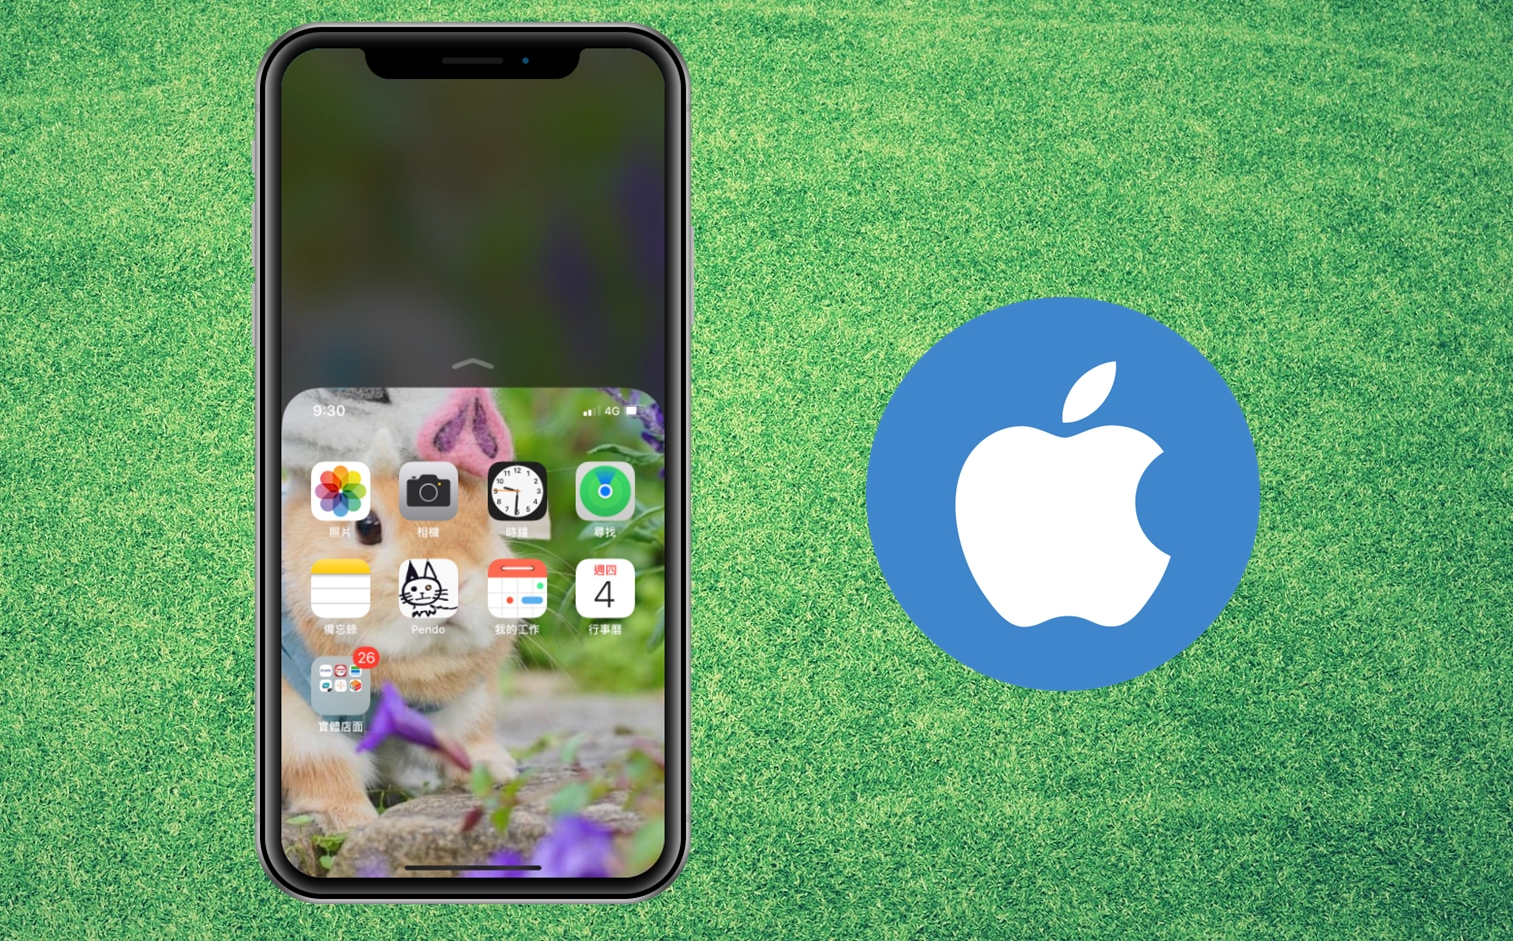 【手機專知】iPhone螢幕畫面只剩一半?教你如何關閉「單手模式」功能